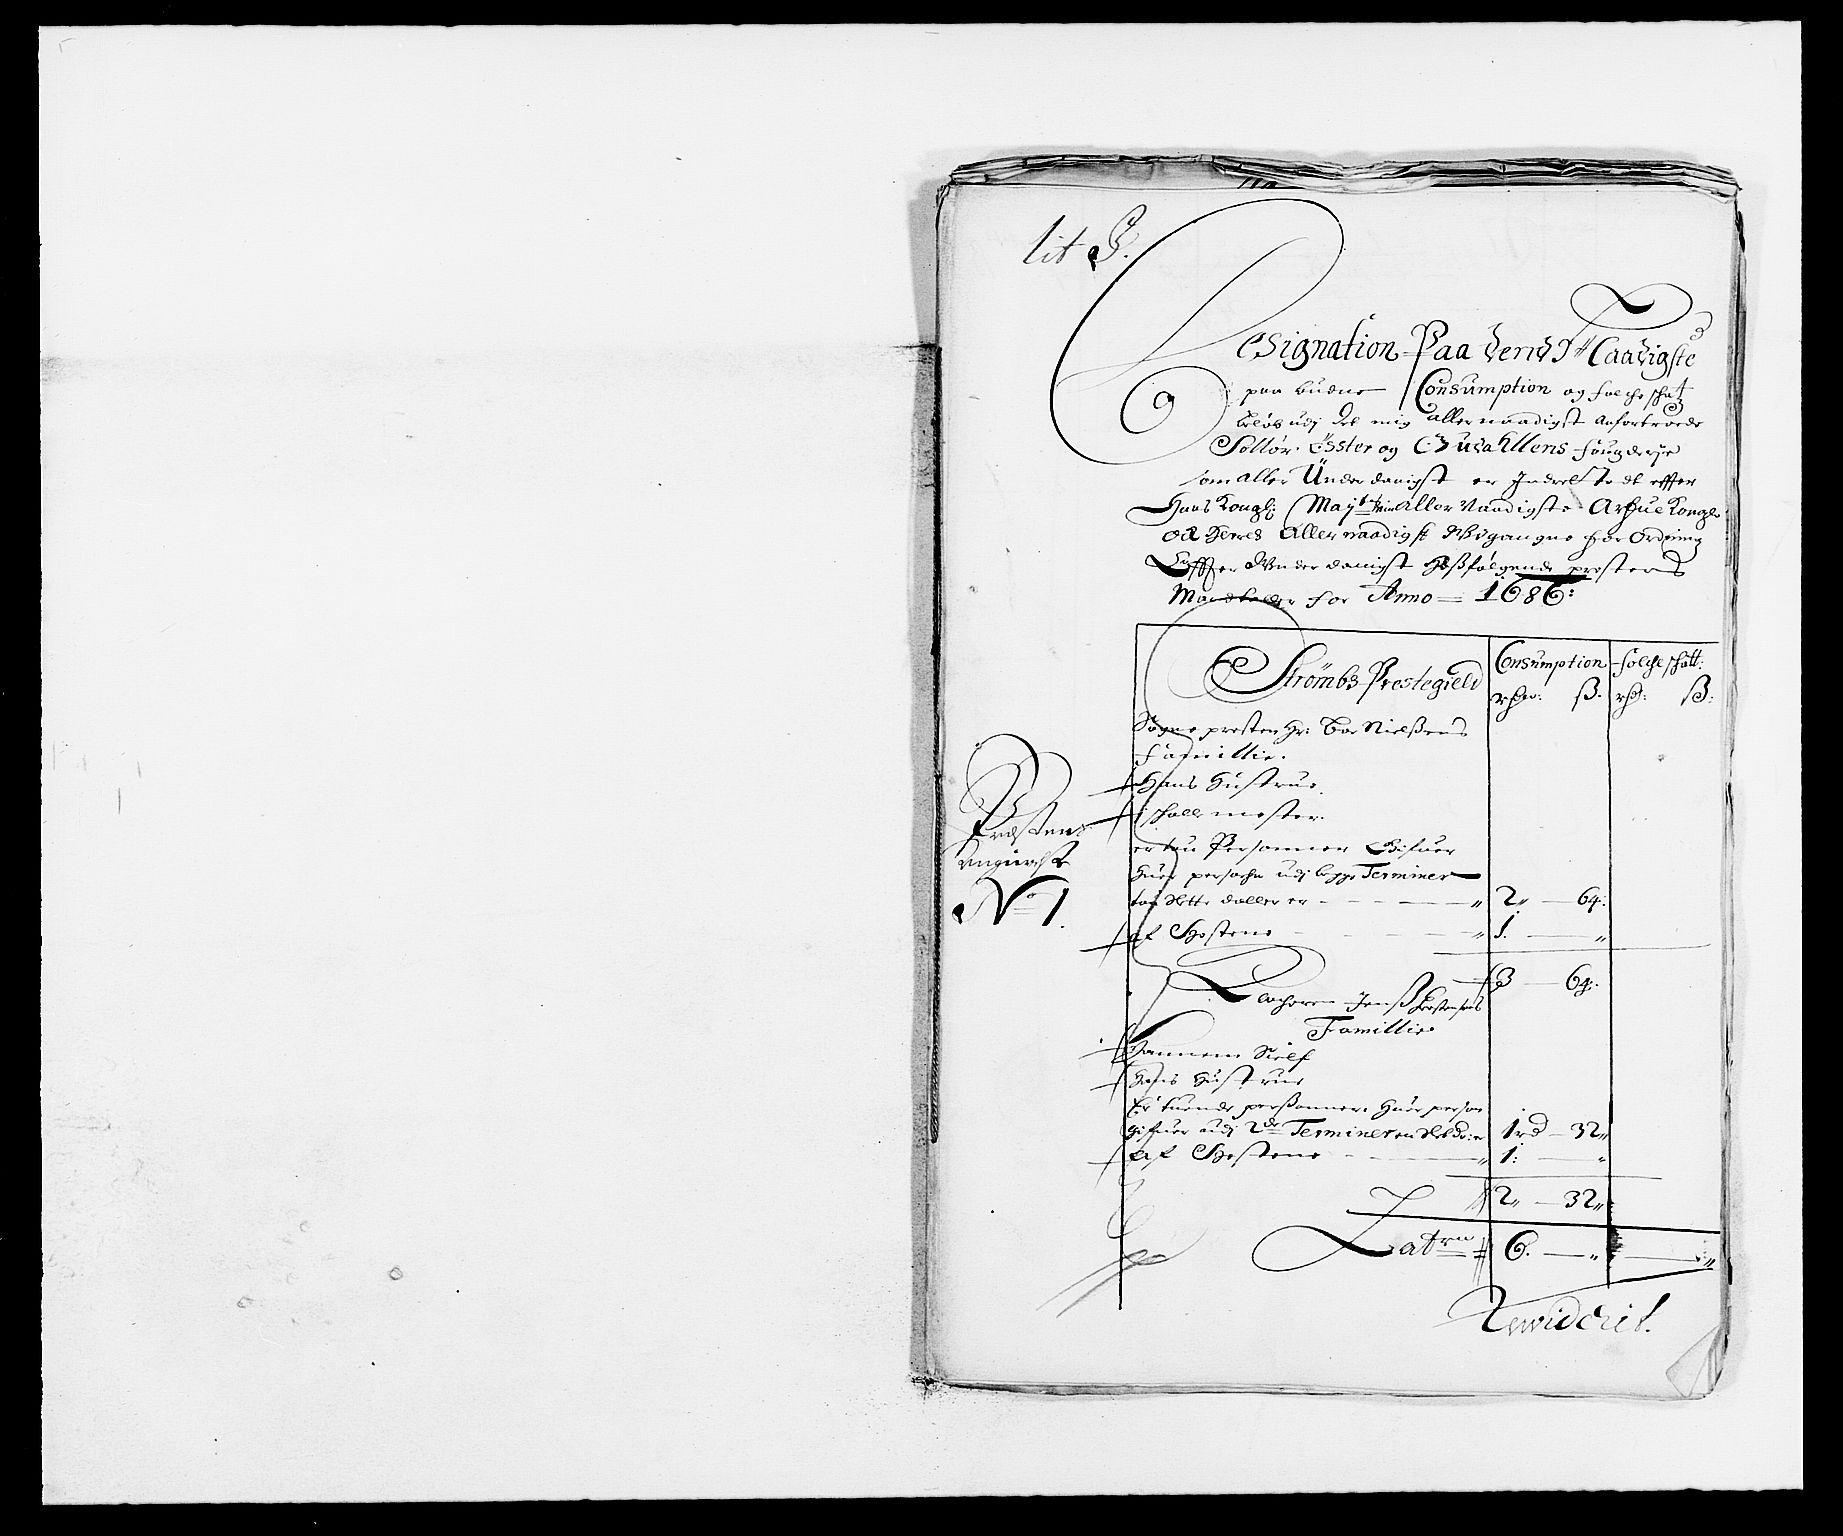 RA, Rentekammeret inntil 1814, Reviderte regnskaper, Fogderegnskap, R13/L0823: Fogderegnskap Solør, Odal og Østerdal, 1686, s. 232